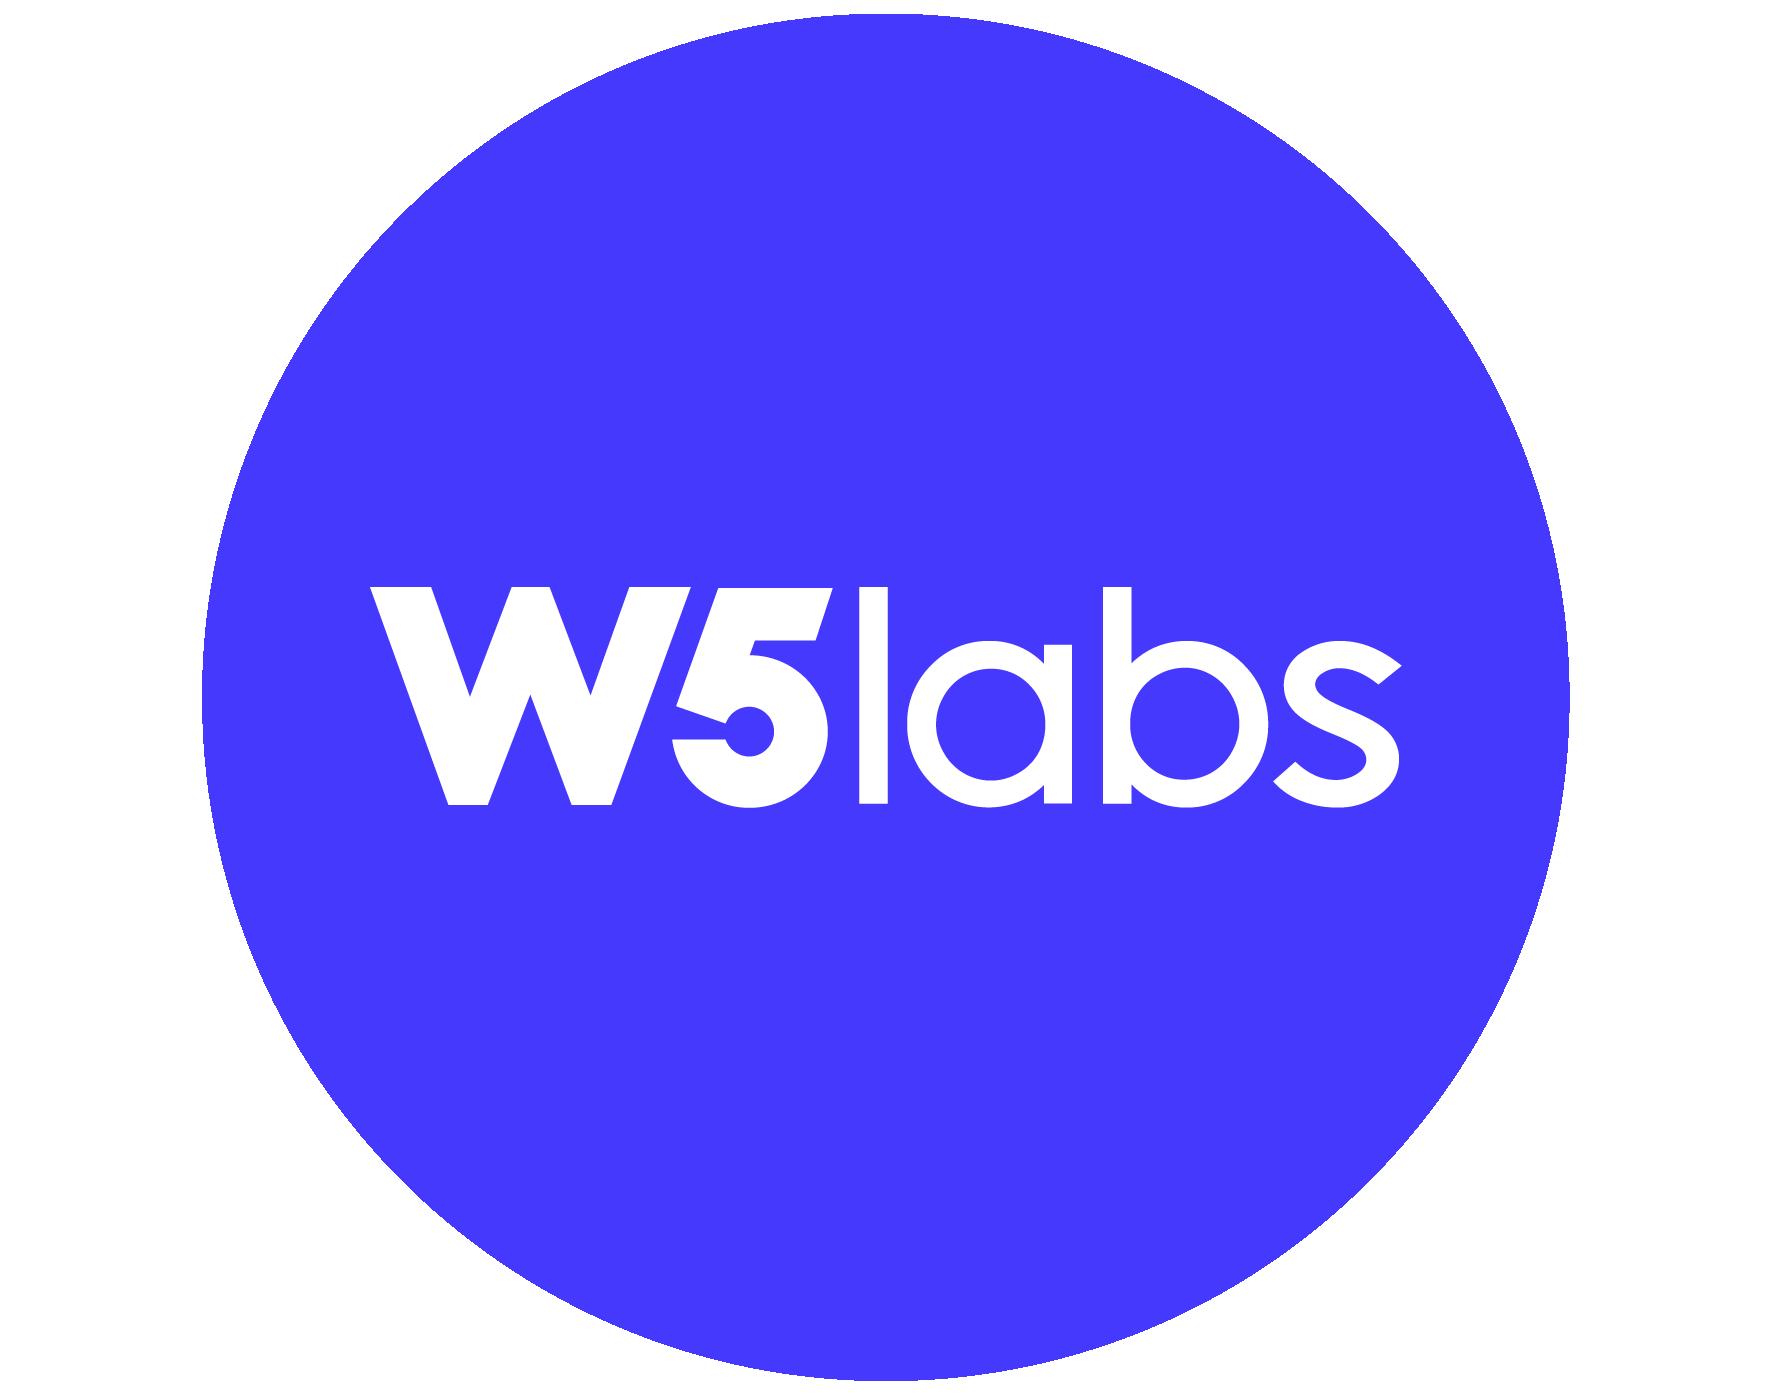 W5labs